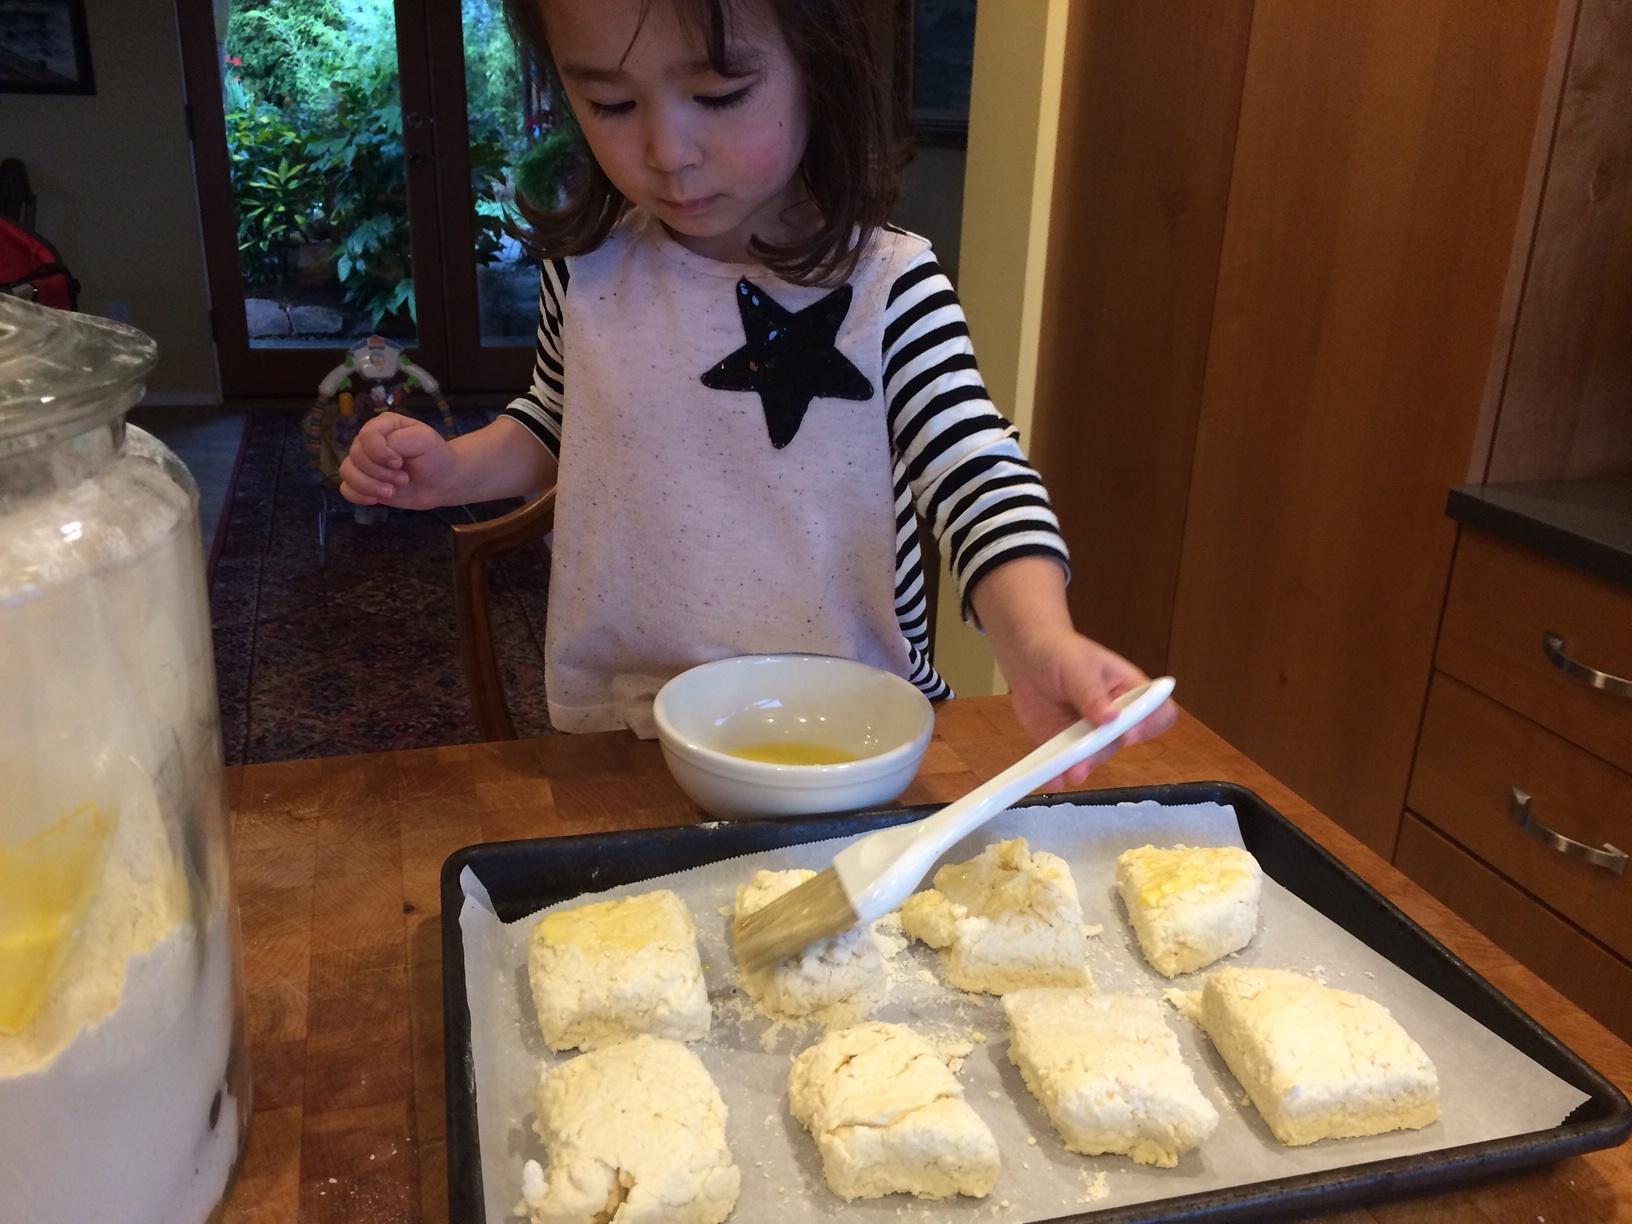 Children's cooking school